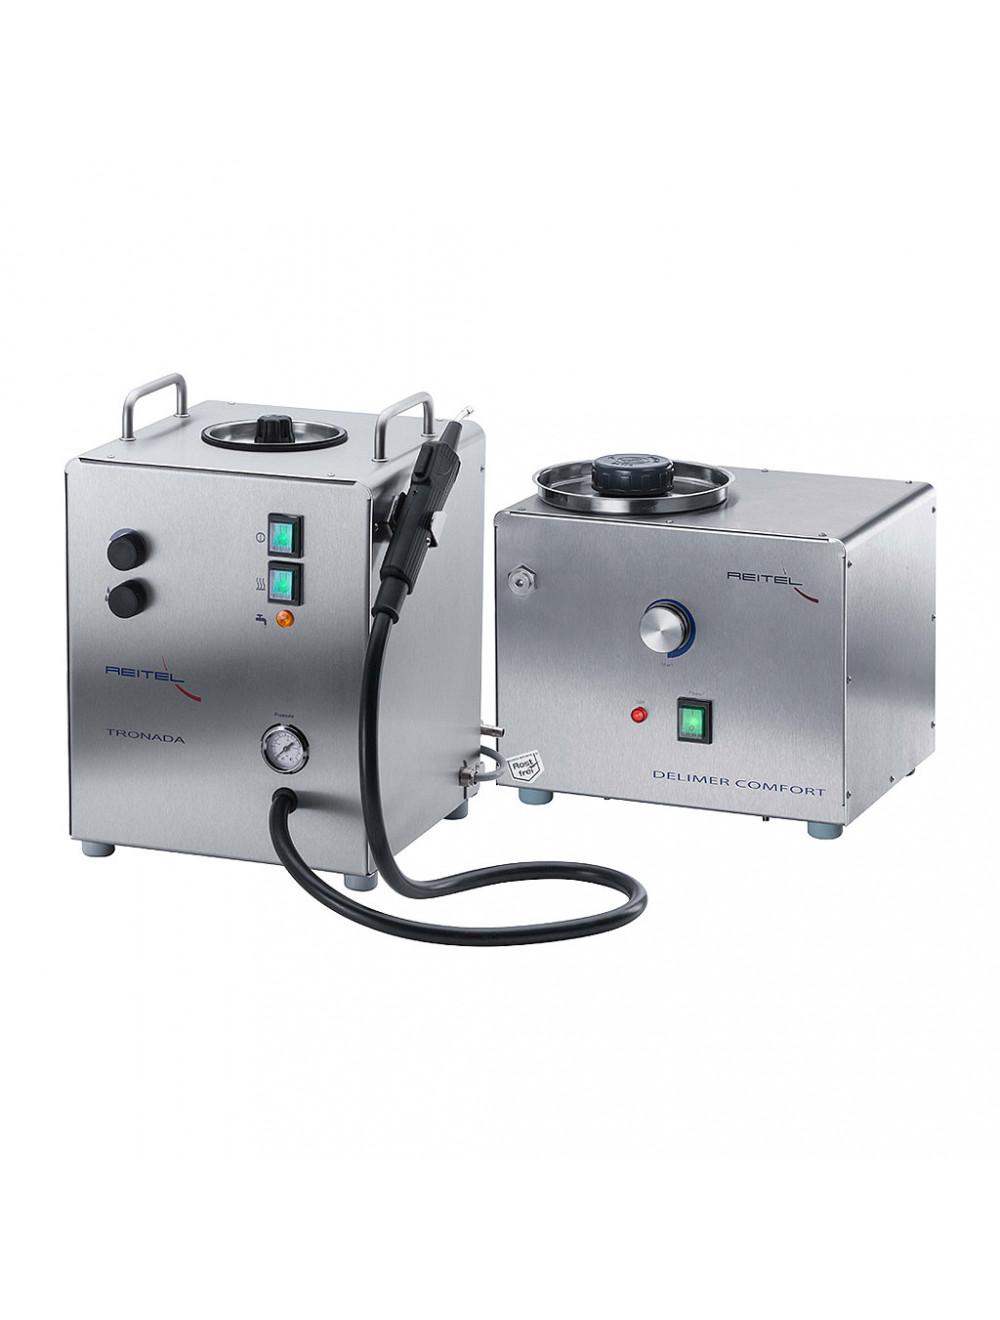 Das Produkt Reitel TRONADA und DELIMER COMFORT Kombination 43101000 aus dem Global-dent online shop.